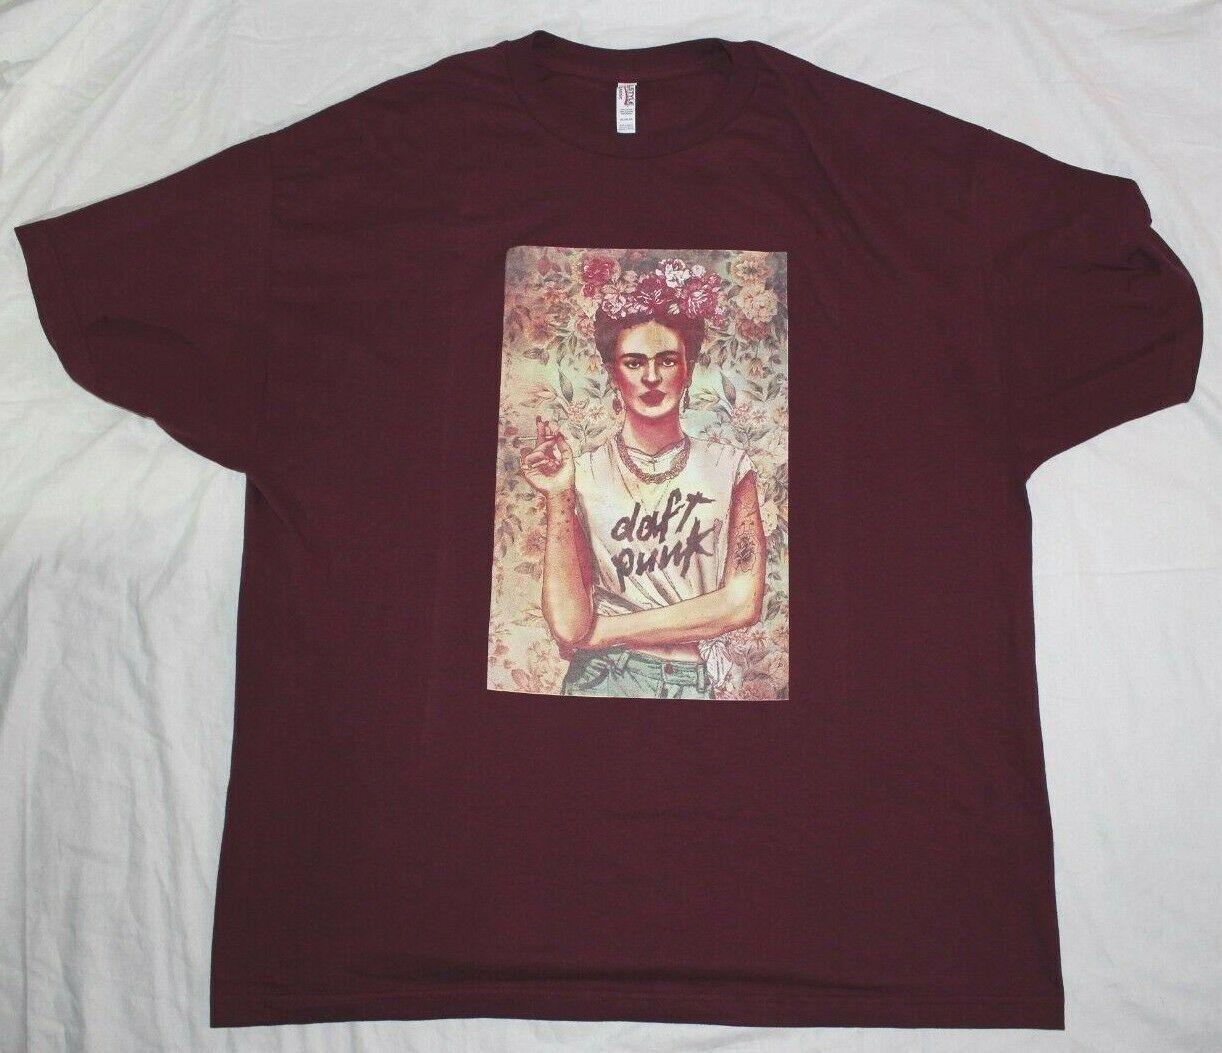 Daft Punk Smoking Girl Red Burgundy T shirt 2XL Size XXLarge Graphic Tee